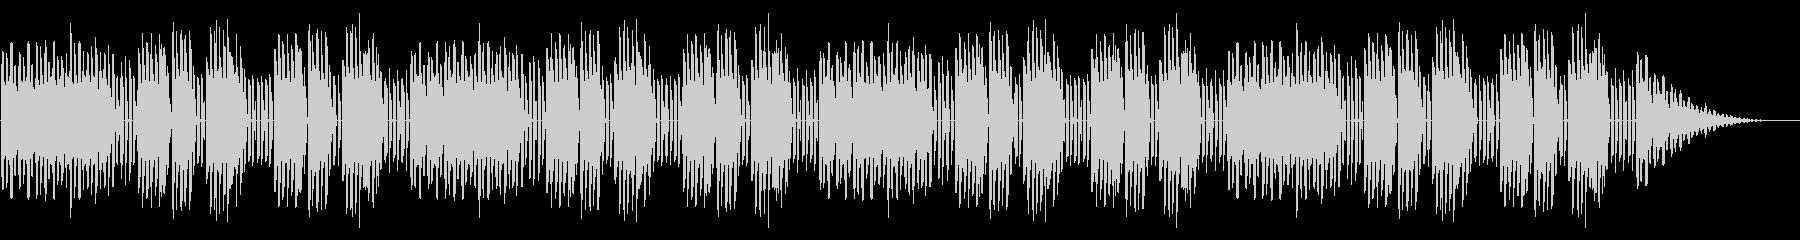 GB風東洋ボードゲームのステージ曲の未再生の波形